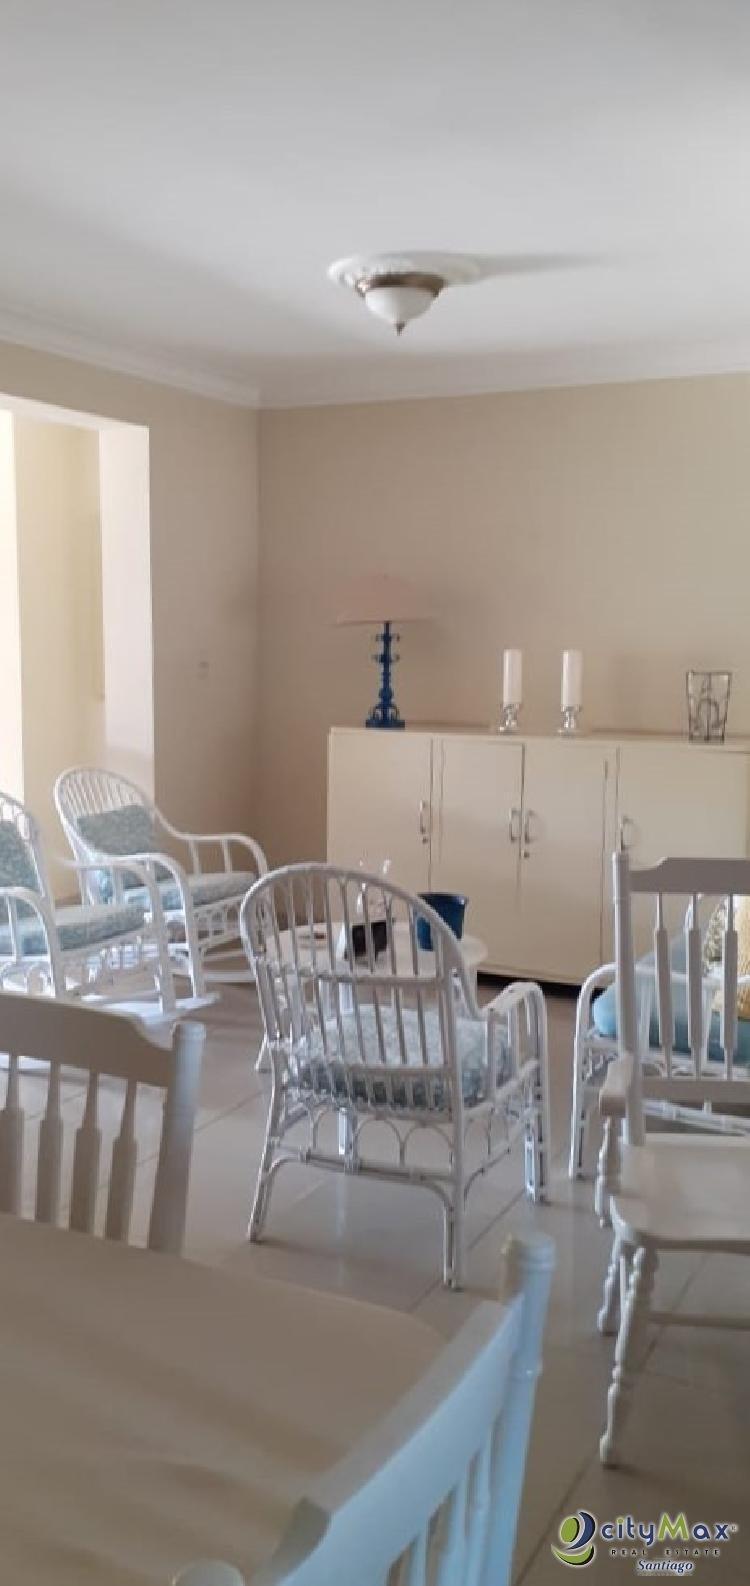 Apartamento para venta en reparto consuelo Santiago RD